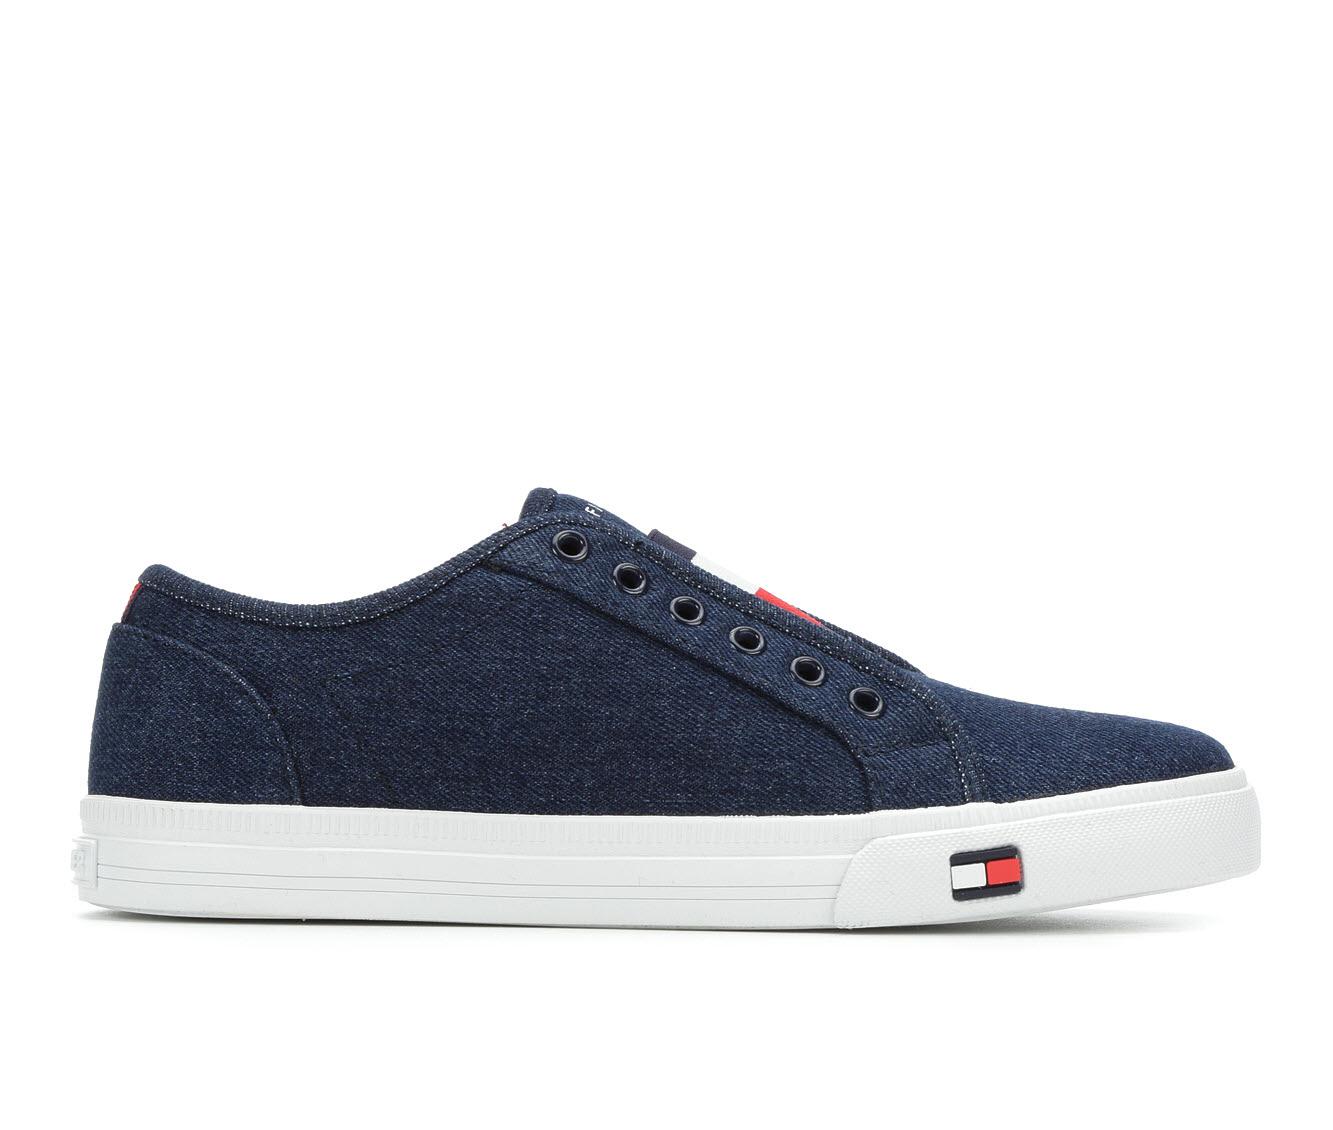 Tommy Hilfiger Anni Women's Shoe (Blue Faux Leather)